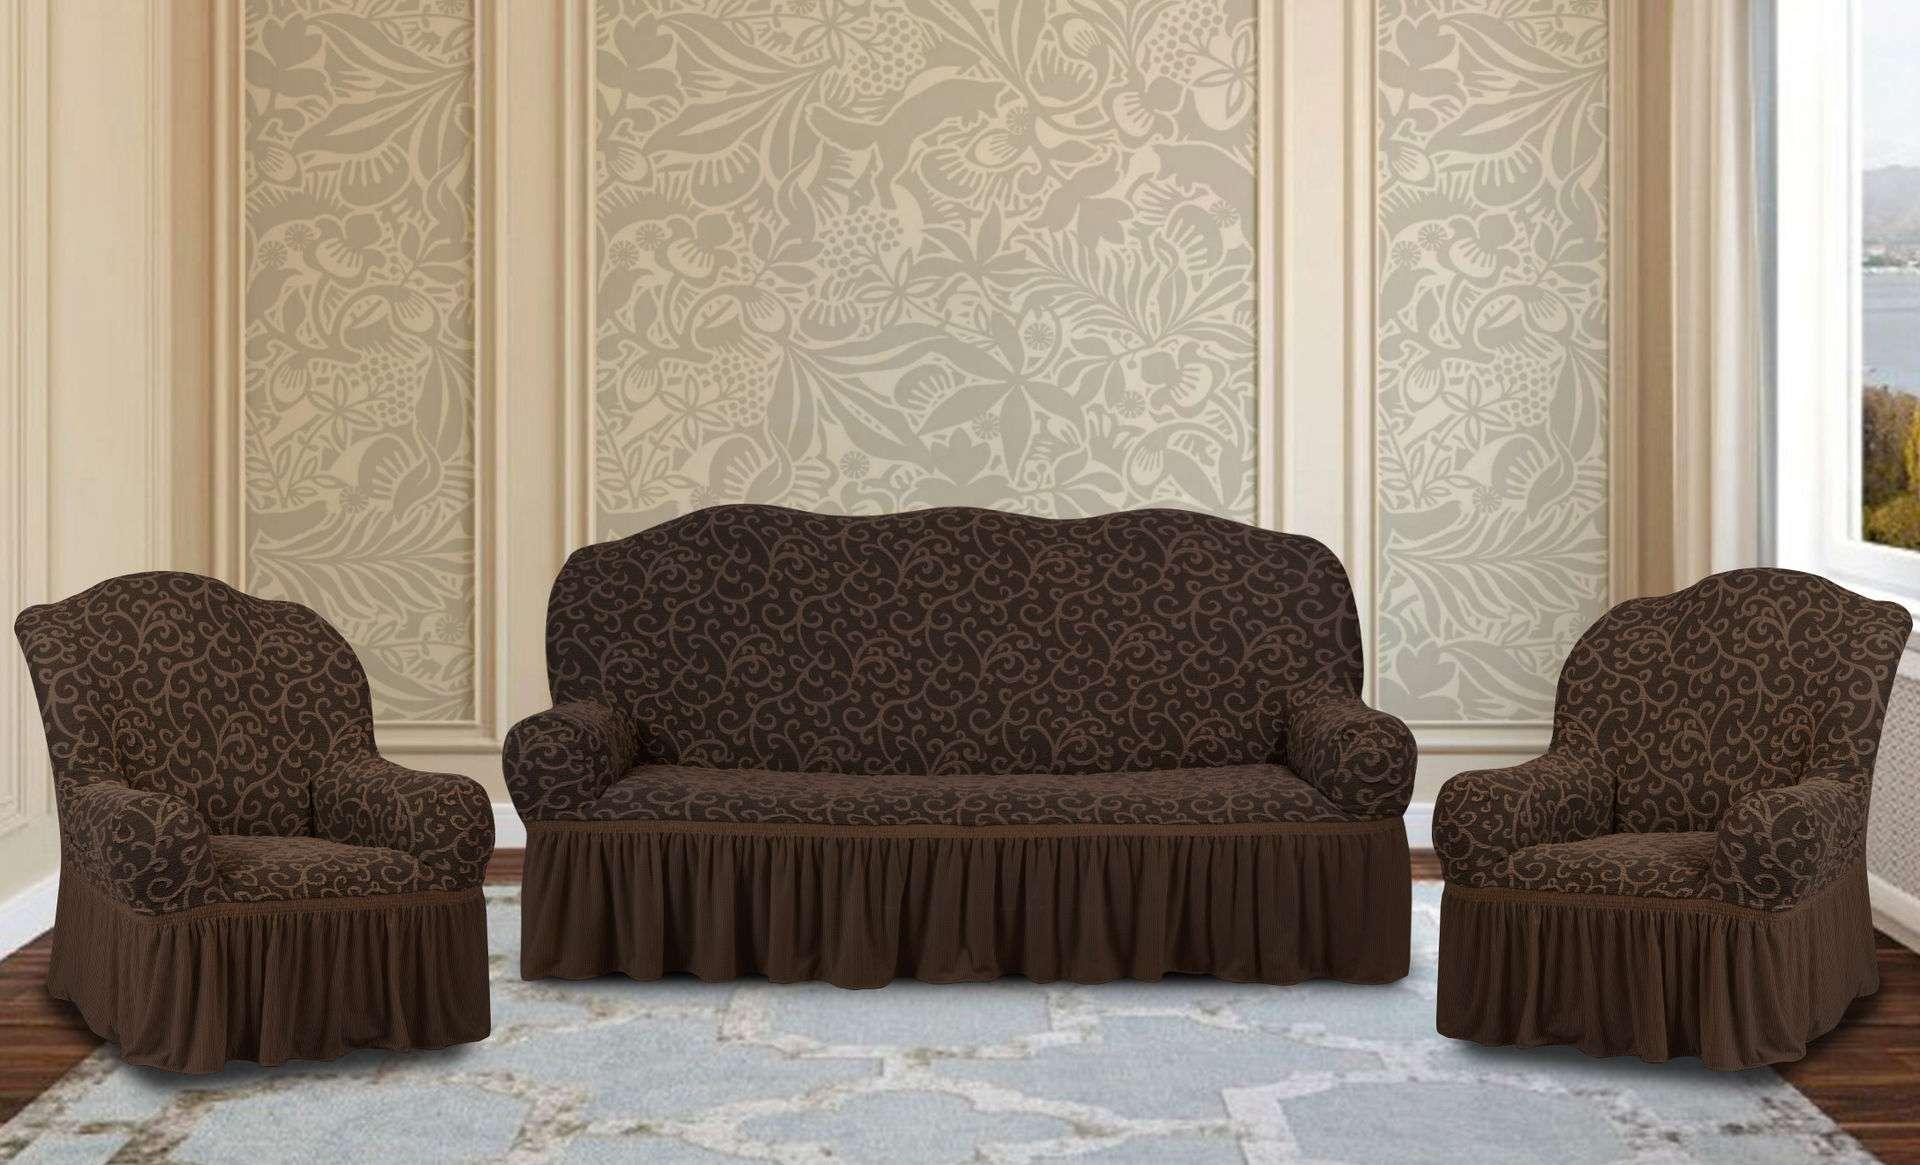 купить чехлы на диван и кресла